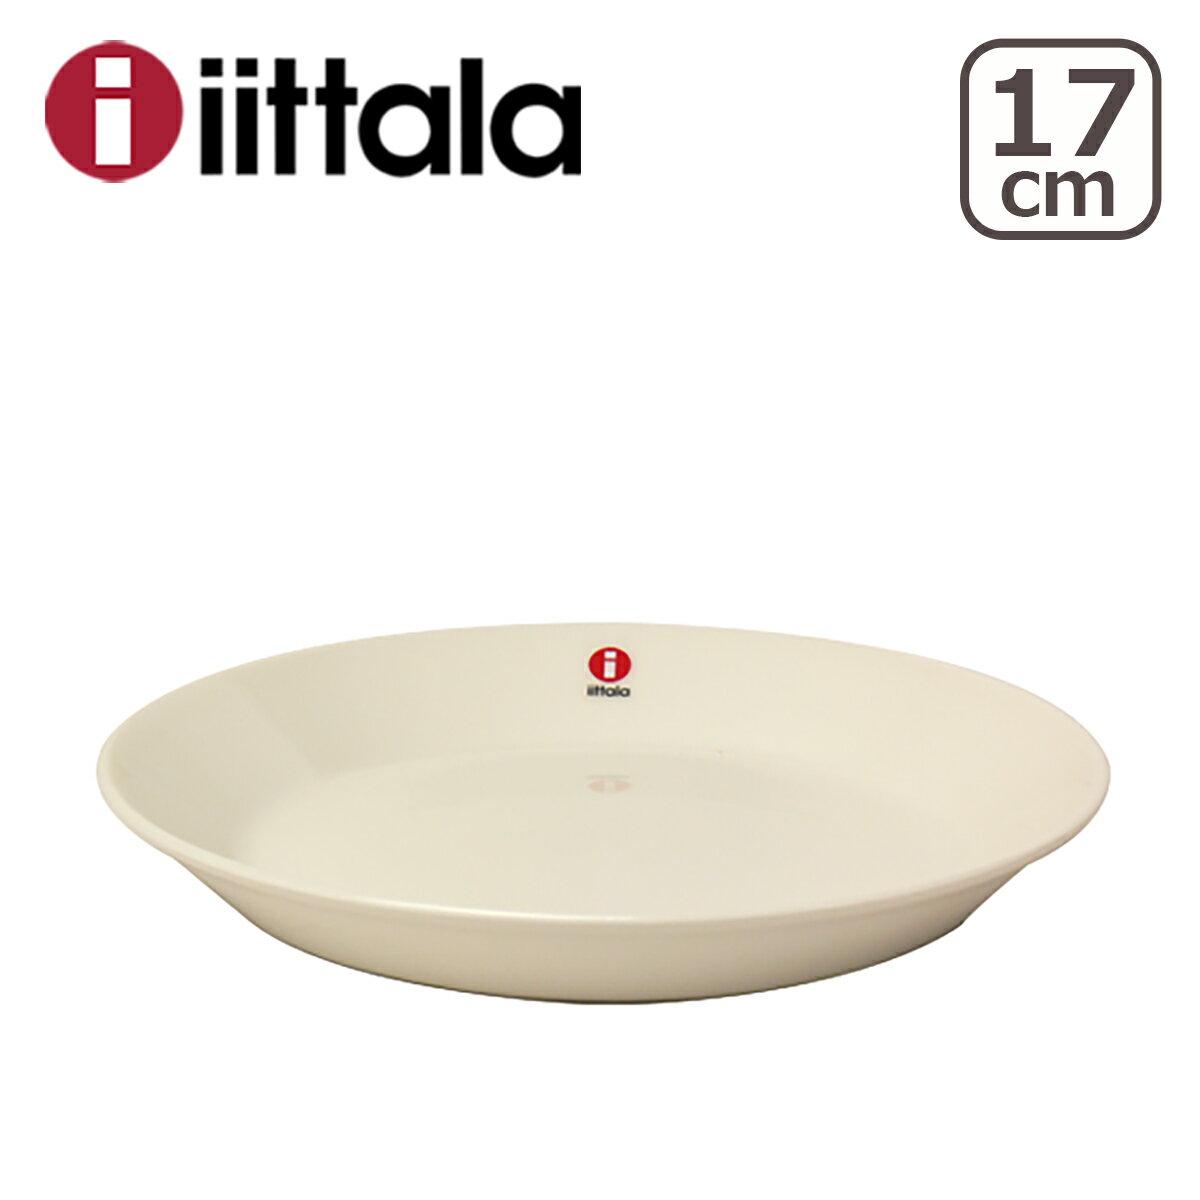 イッタラ iittala ティーマ TEEMA 17cm プレート ホワイト 白皿 北欧 フィンランド 食器